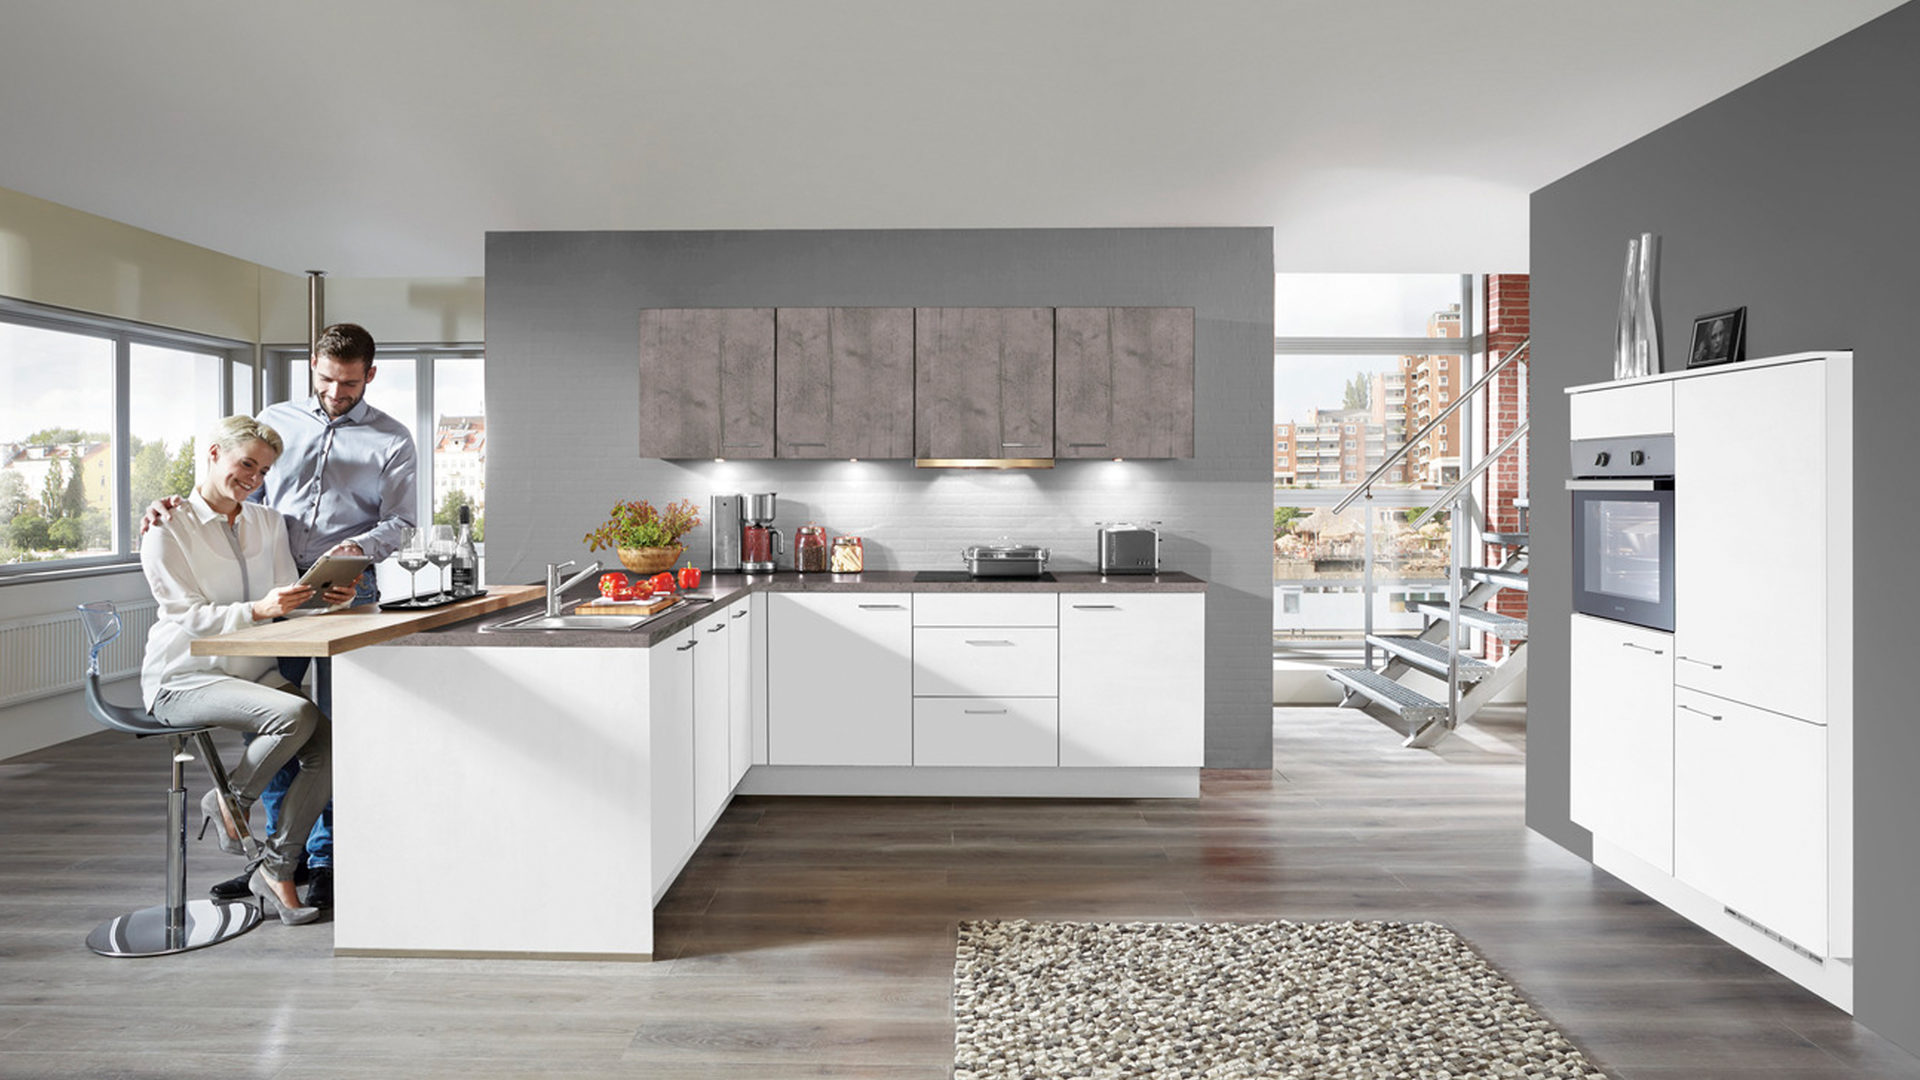 Gorenje Kühlschrank In Betrieb Nehmen : Einbauküche mit gorenje elektrogeräten wie kühlschrank weiße